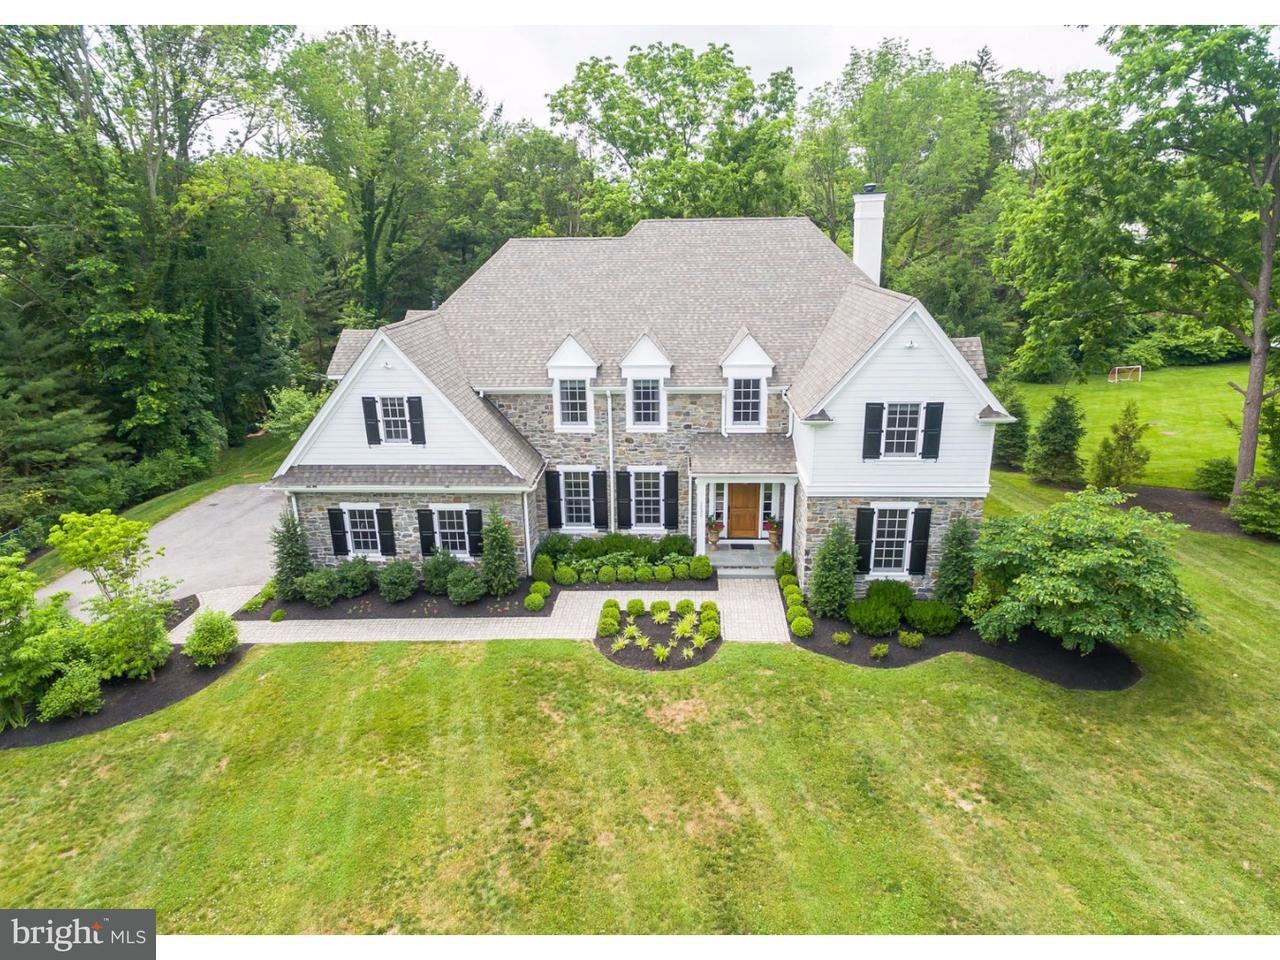 Single Family Home for Sale at 1532 W MONTGOMERY Avenue Villanova, Pennsylvania 19085 United States